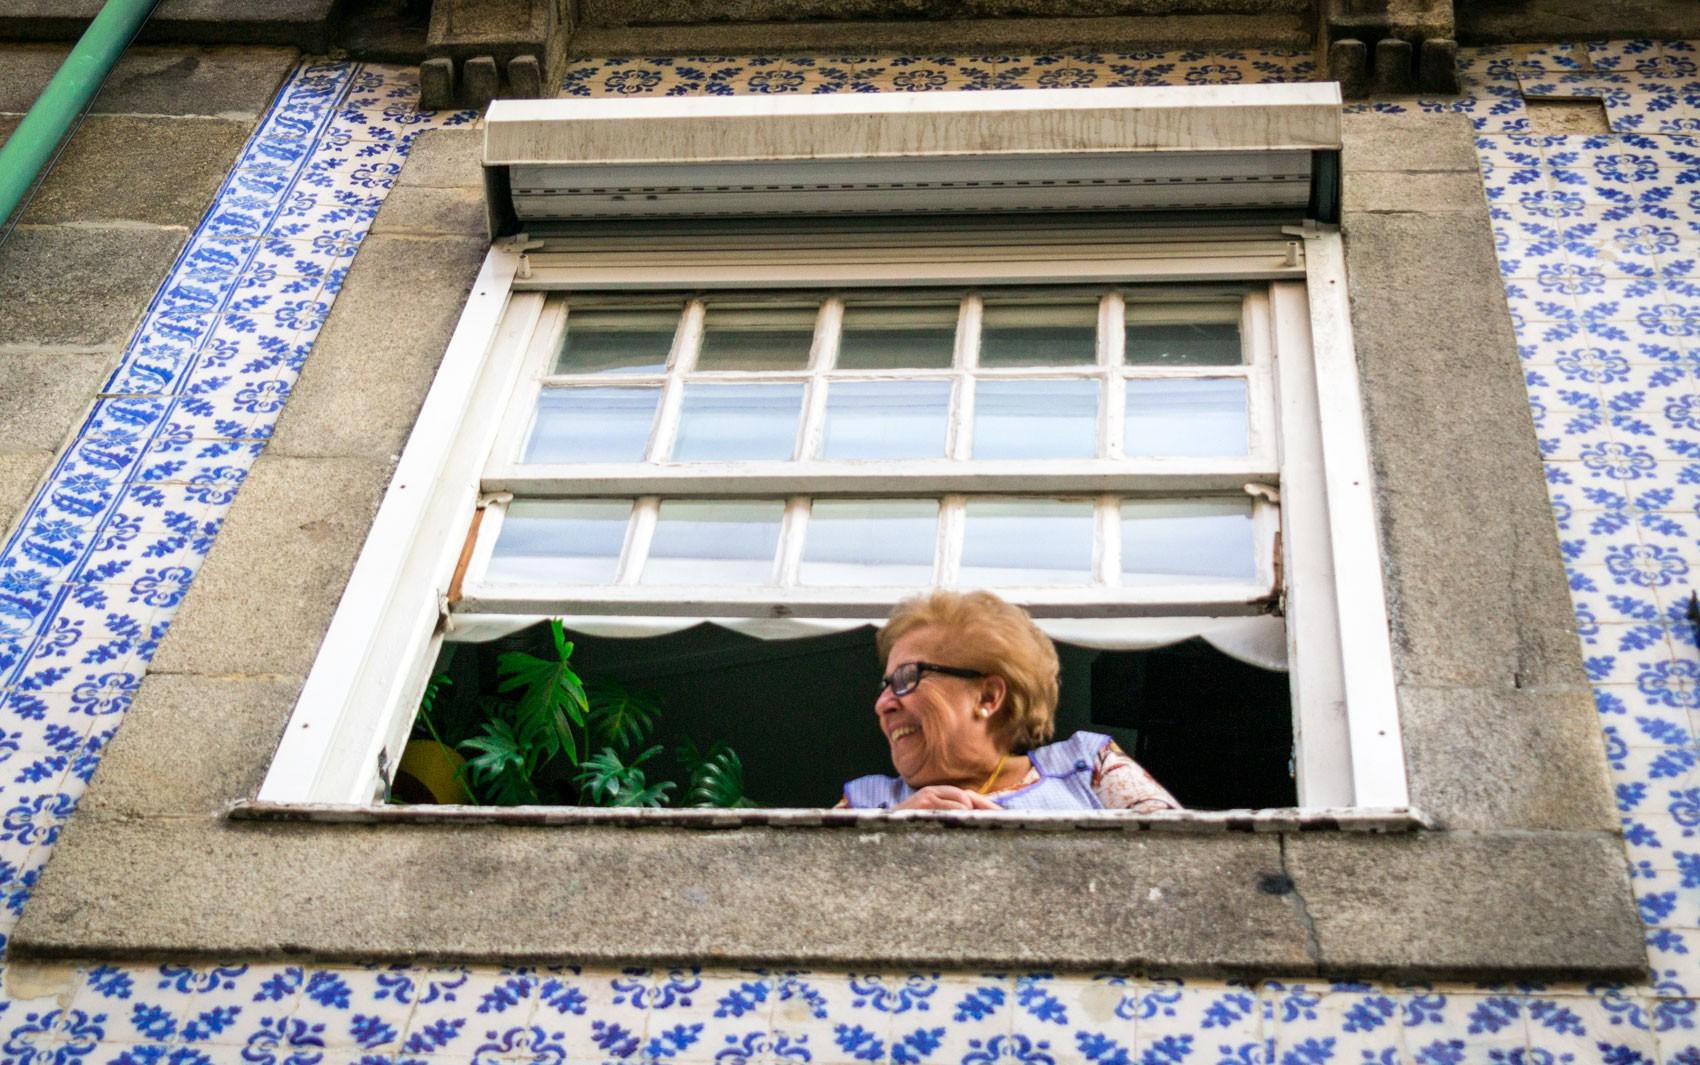 Quer viajar em novembro? Veja onde preço da hospedagem caiu mais nesta época, no ano passado - Notícias - Plantão Diário